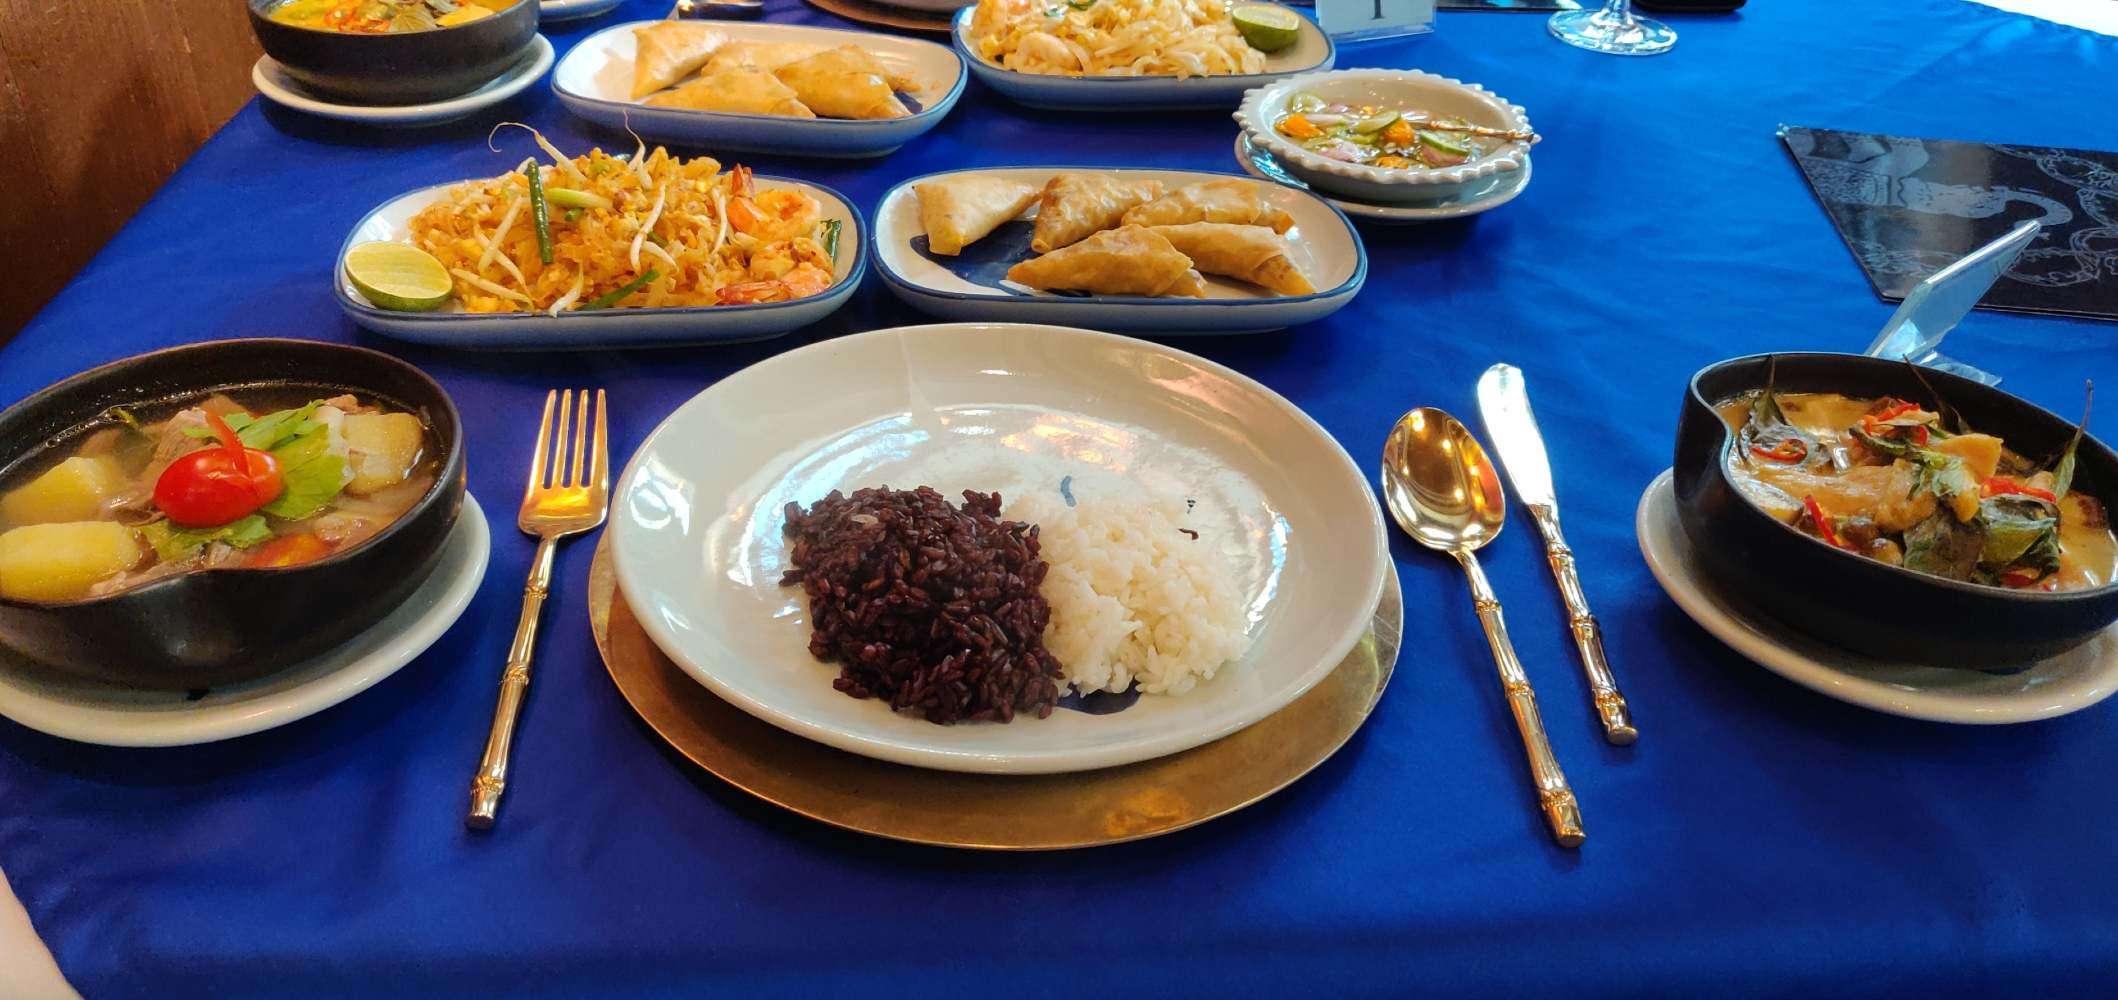 Onze gekookte maaltijden bij de Blue Elephant kookschool in Bangkok